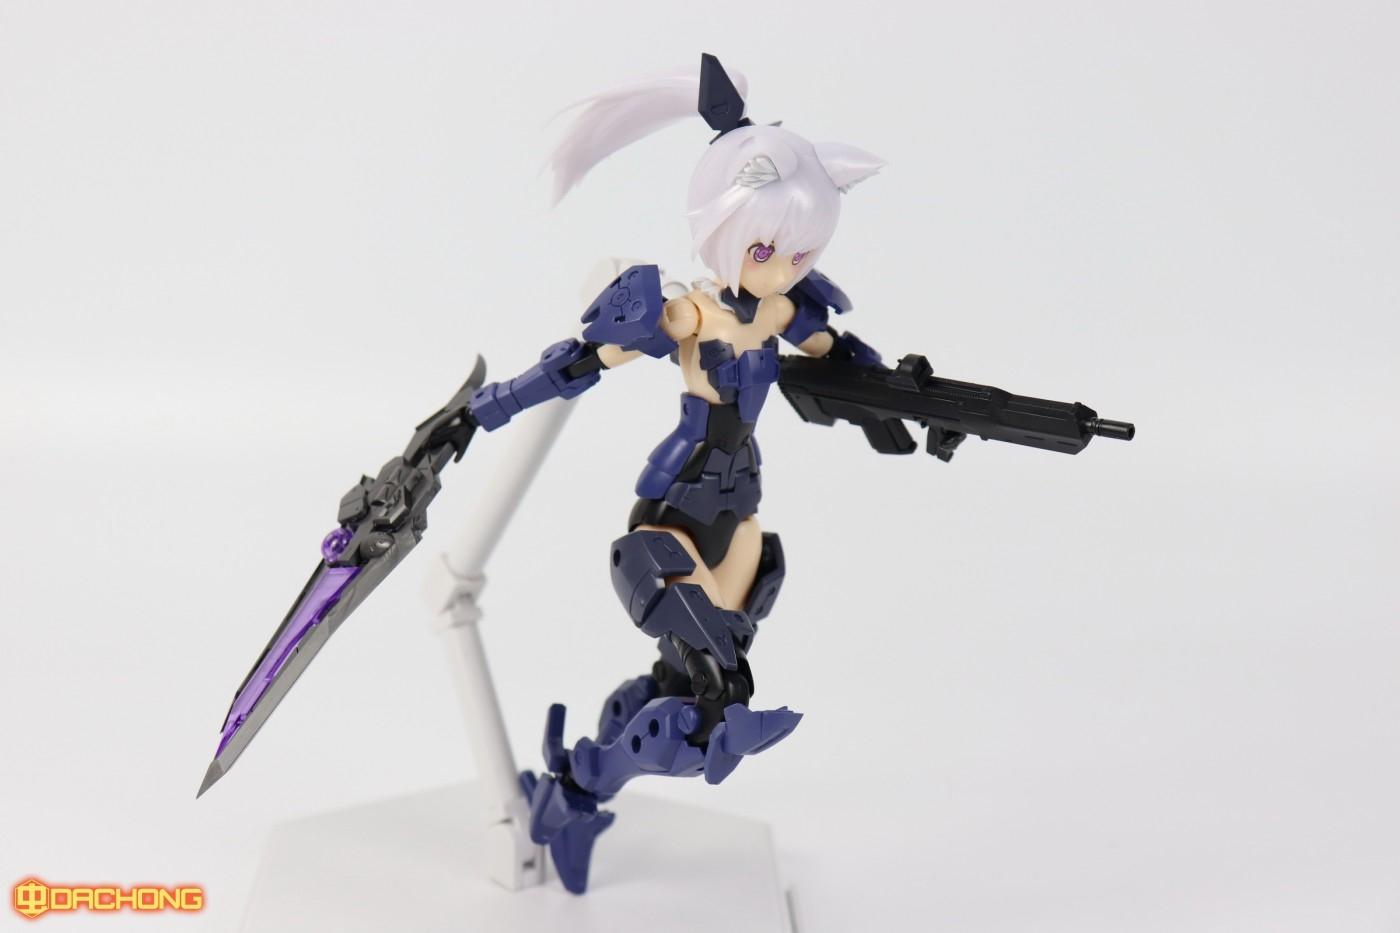 S273_Pretty_Armor_inask_063.jpg